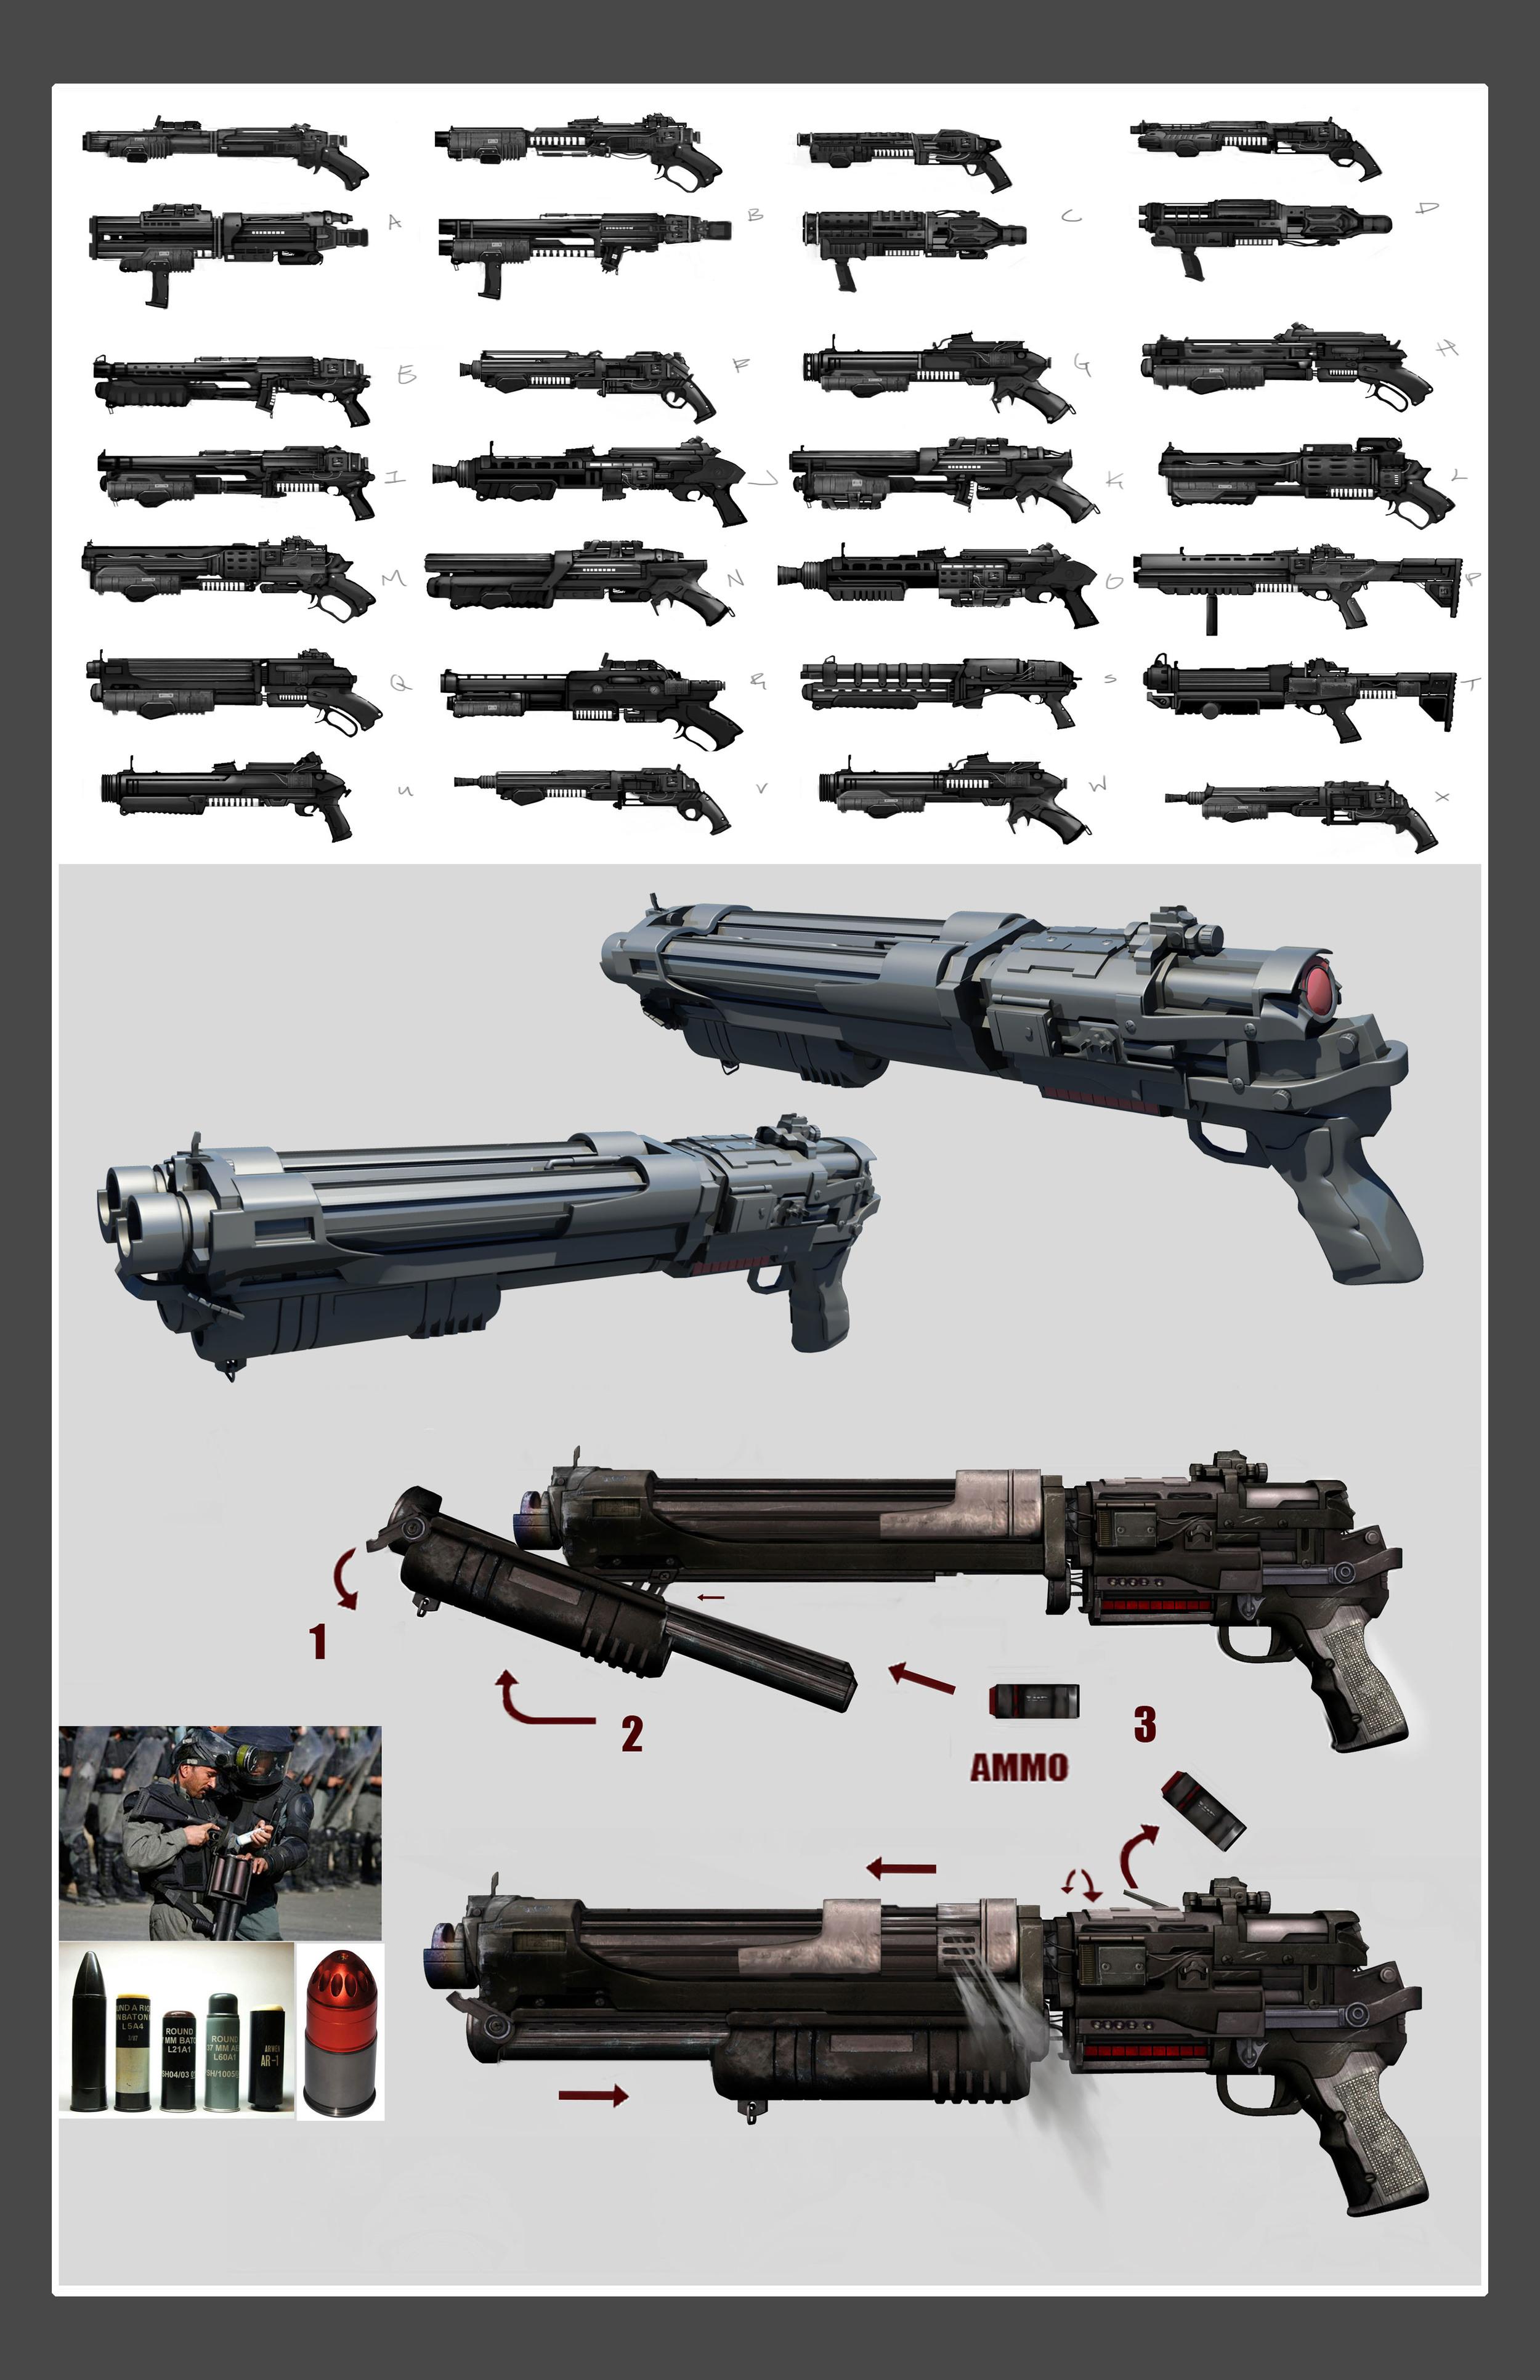 Scatter_gun1.jpg